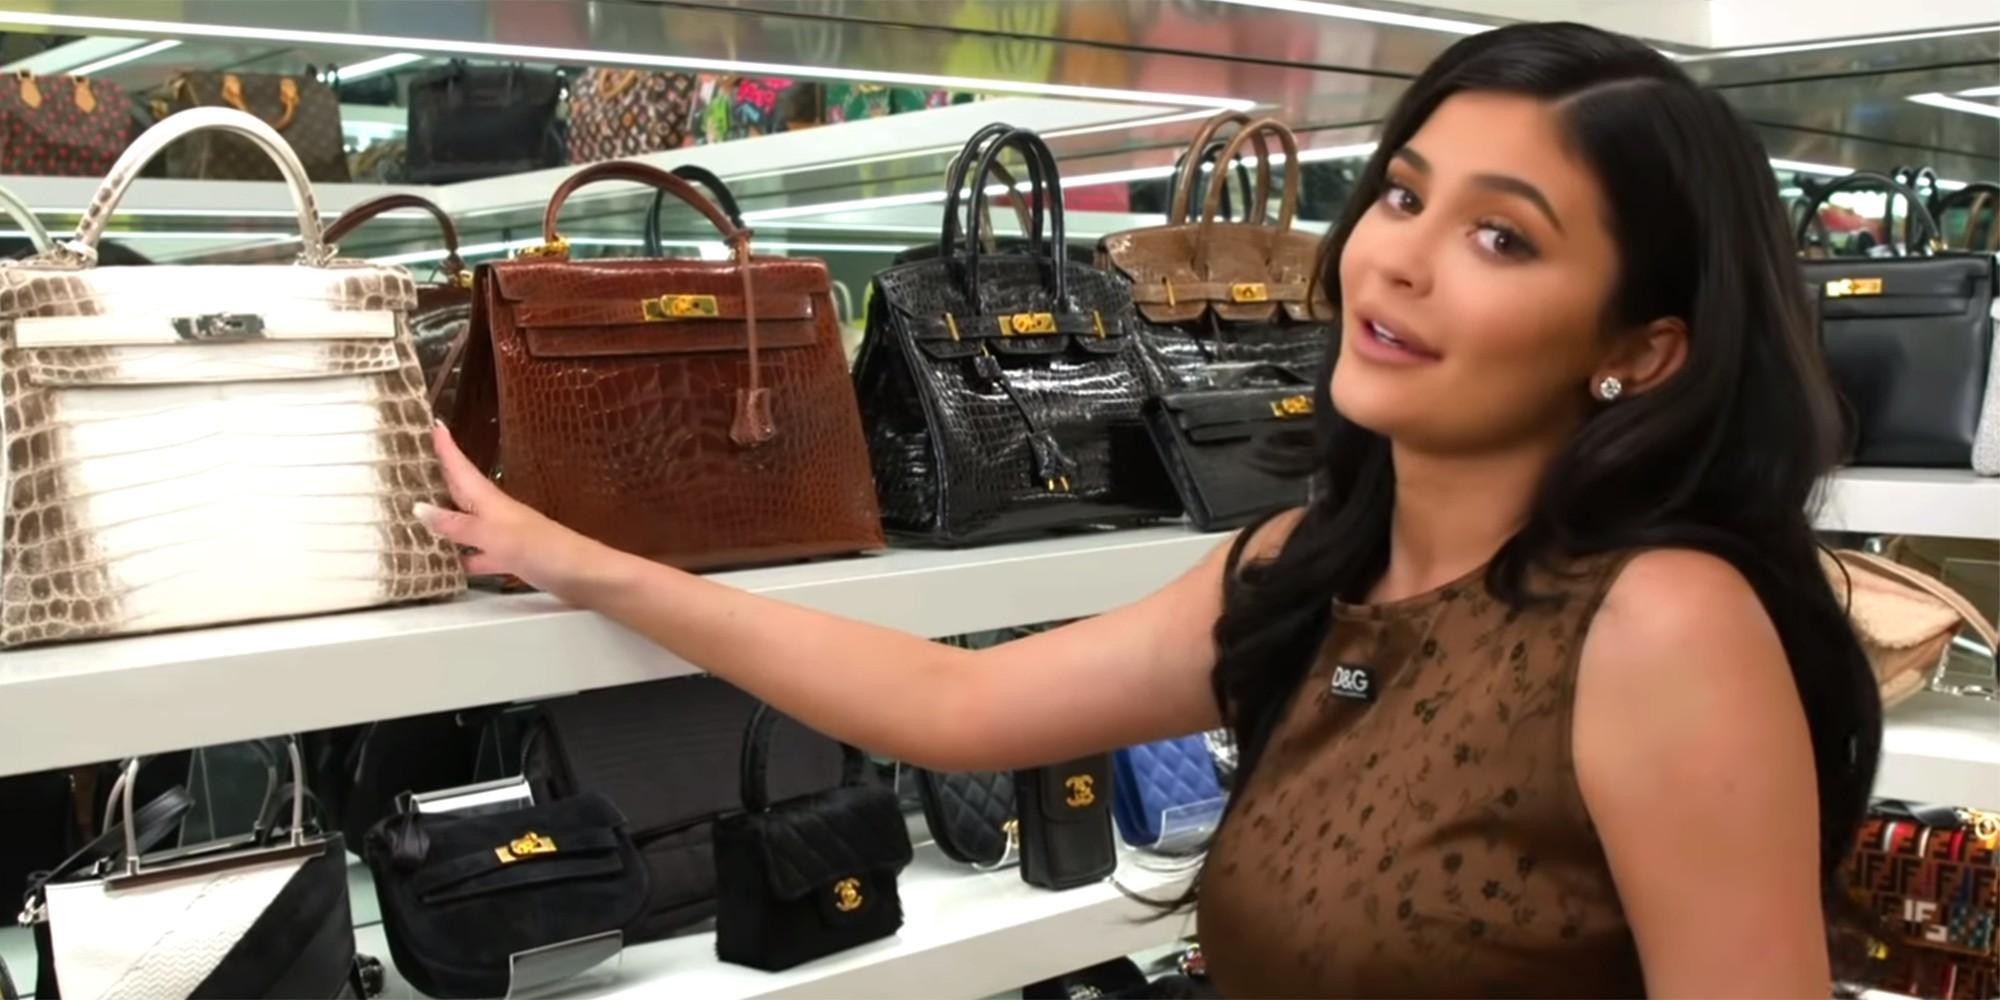 kylie jenner - photo 11 154406516296882965665 - 21 tuổi đã kiếm hàng ngàn tỷ đồng một năm, Kylie Jenner có cuộc sống sang chảnh và tài sản đáng ghen tị đến mức nào?